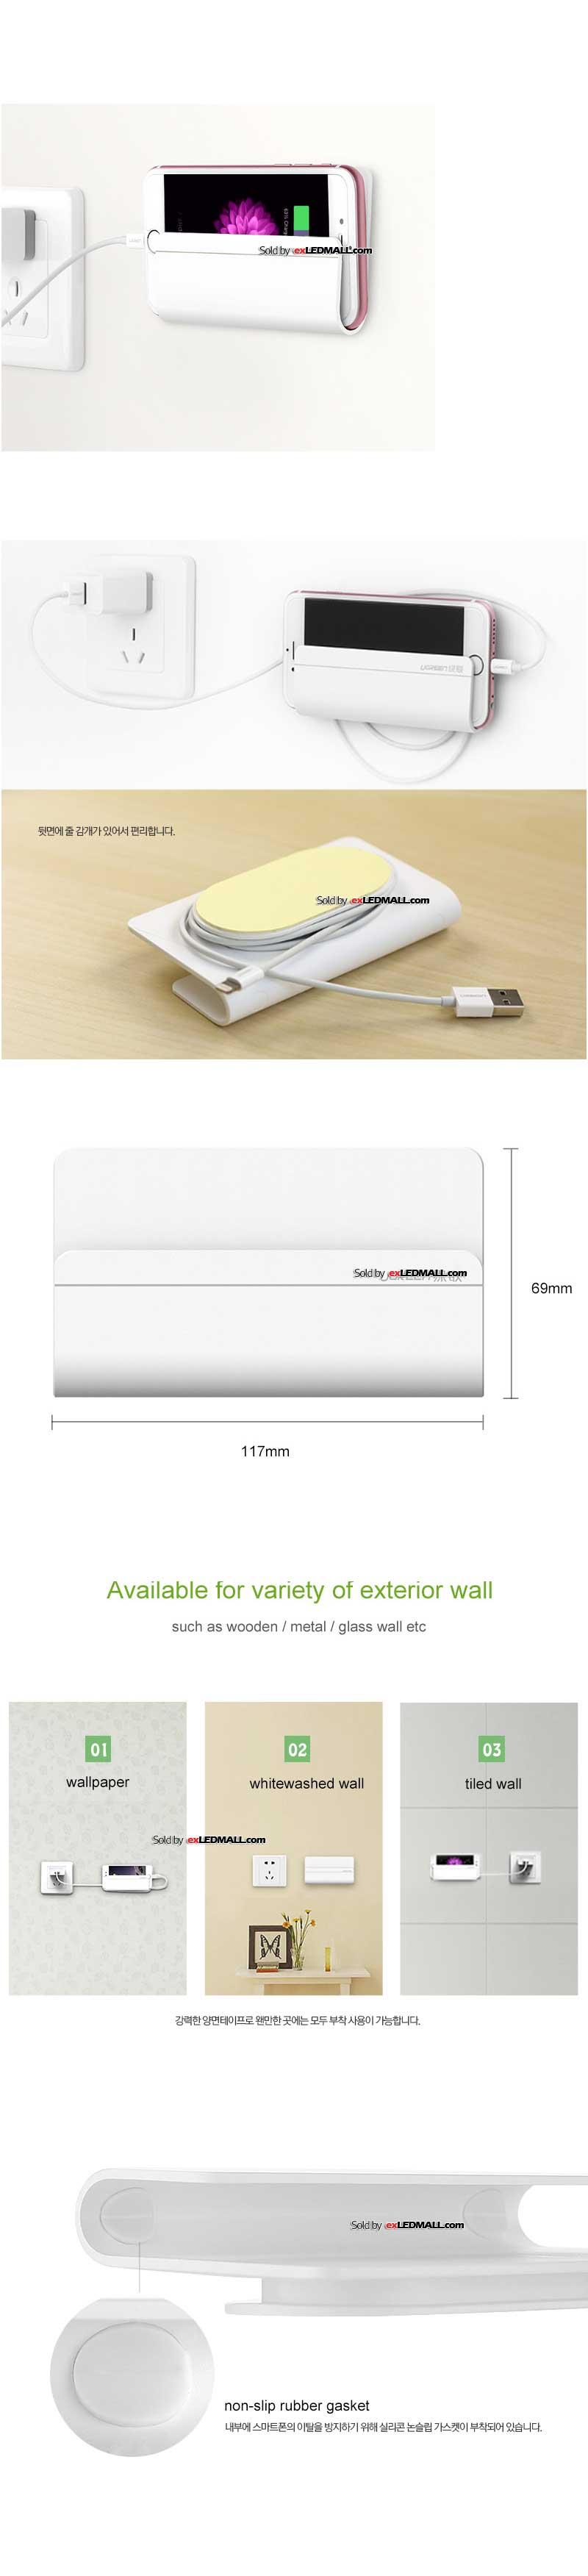 스마트폰/테블릿 PC 벽부 부착 거치대 (충전거치대)